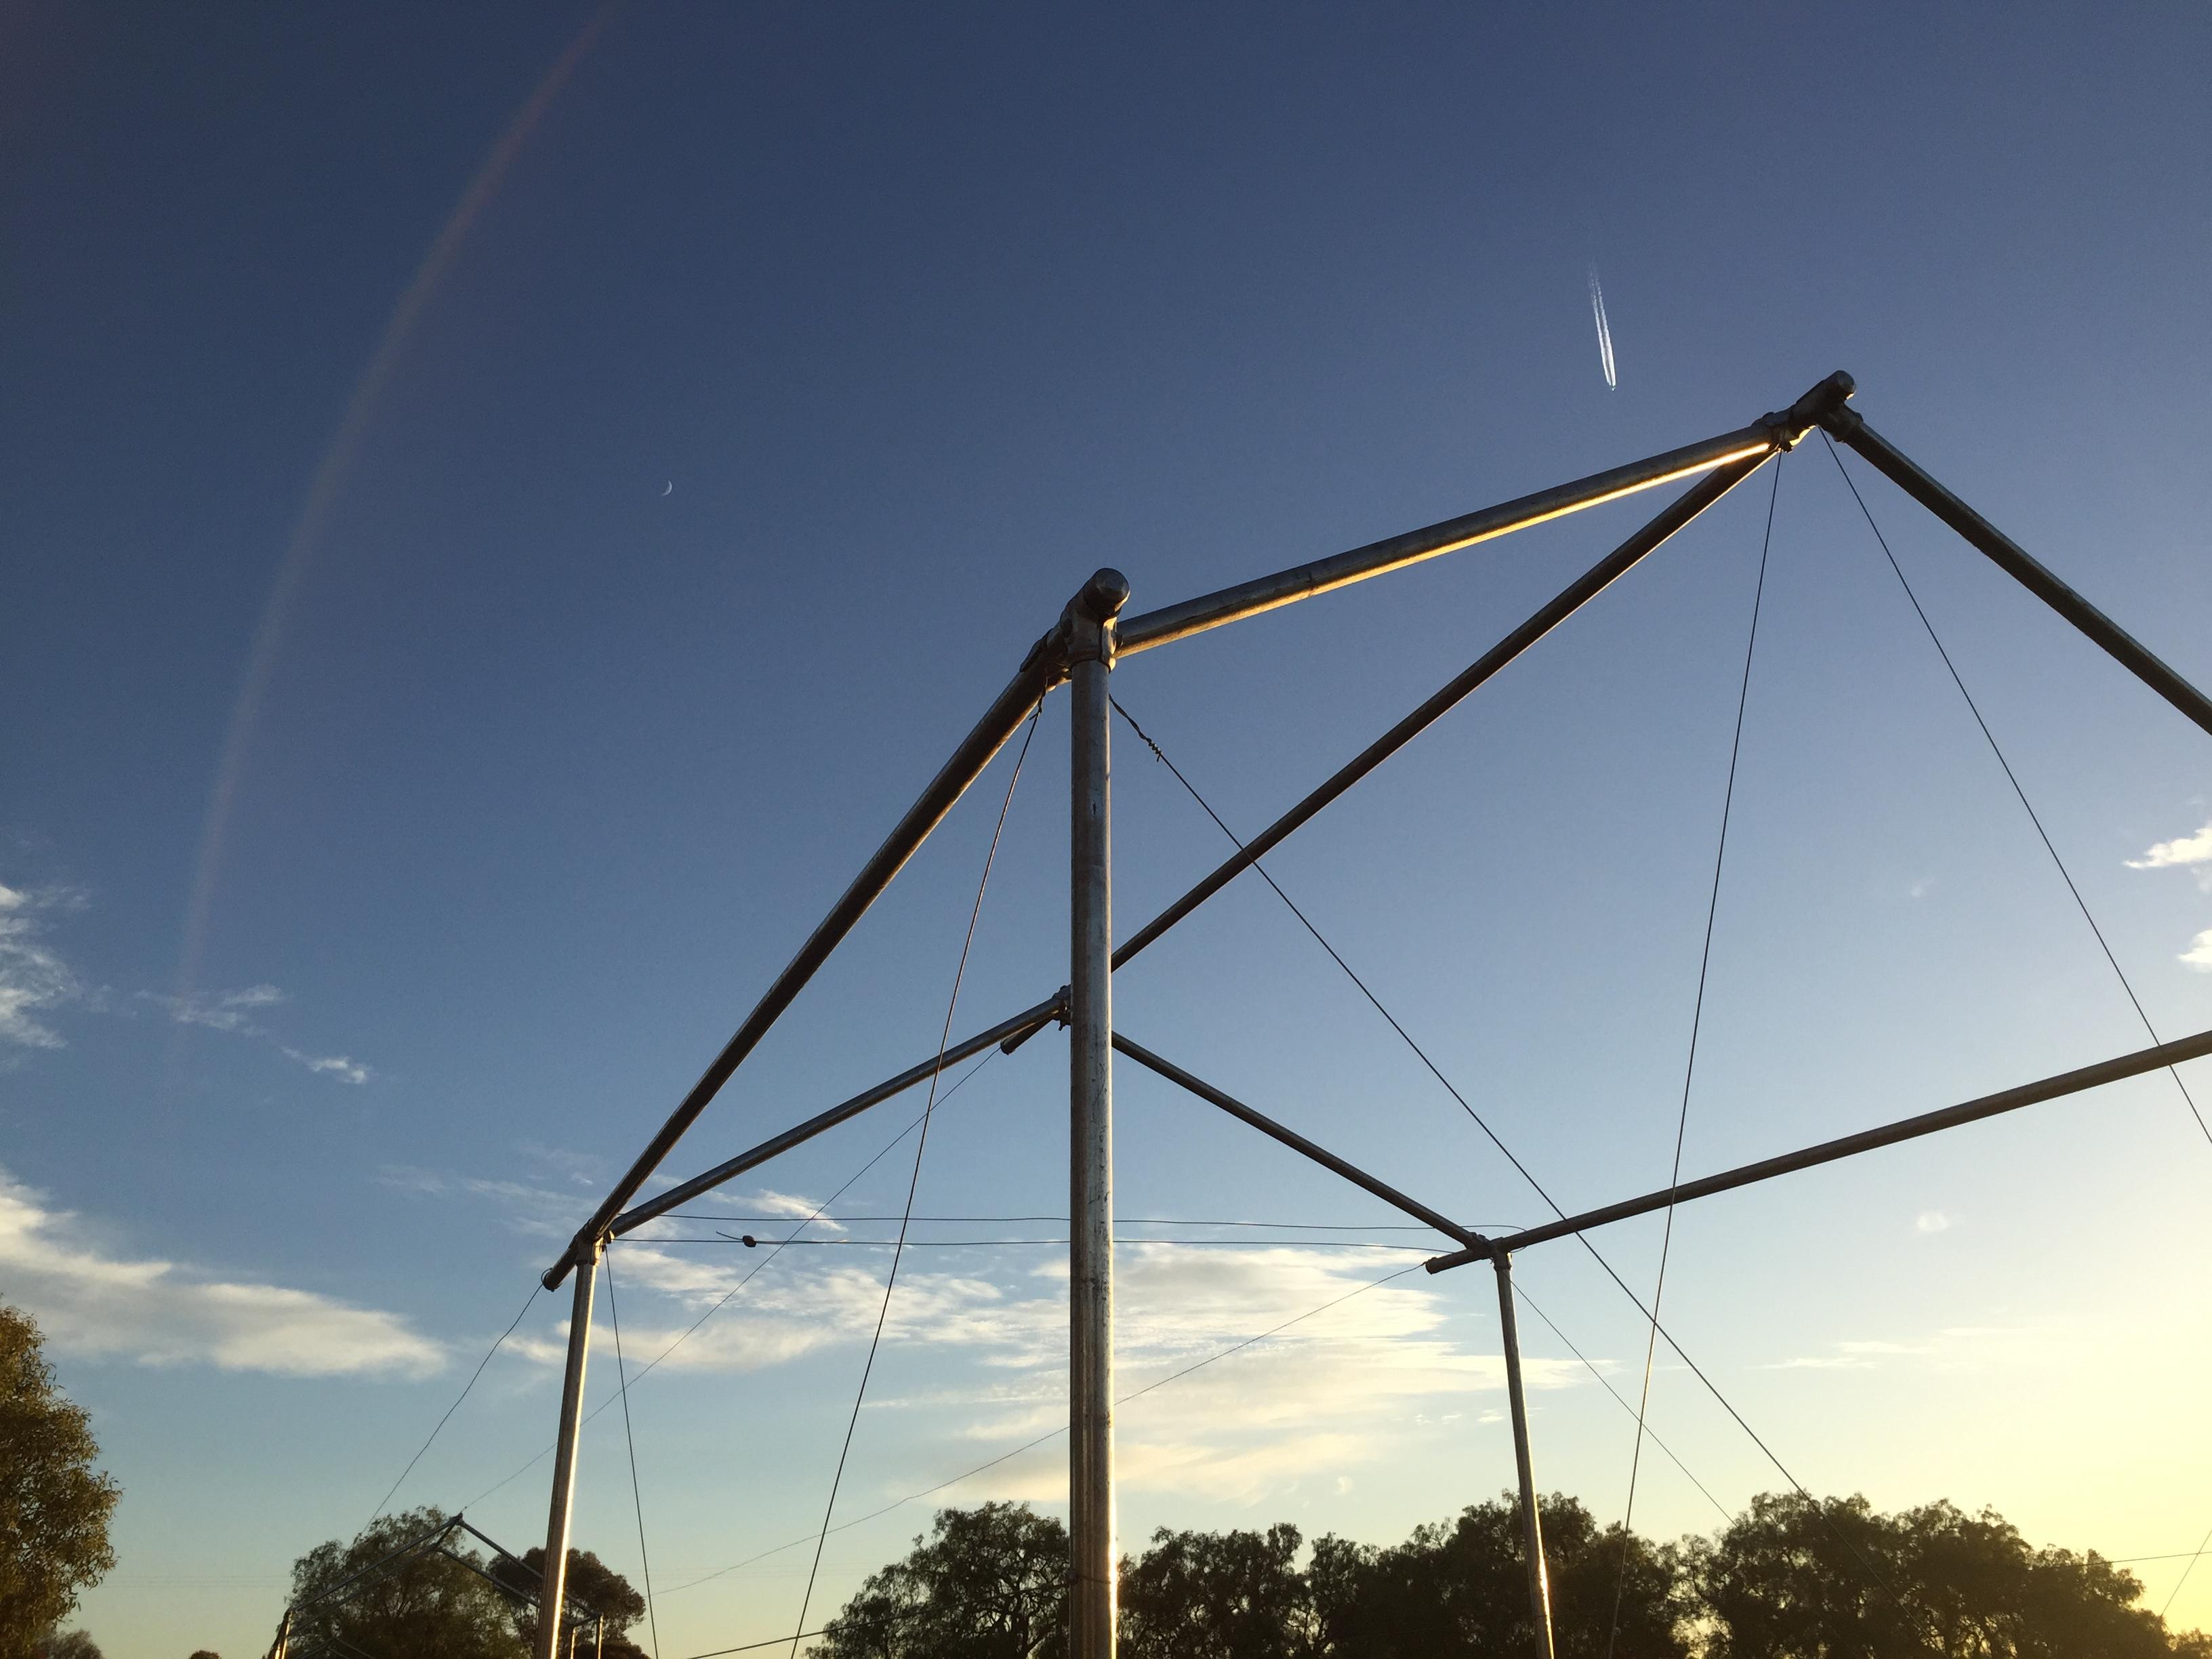 Net frame anchored morning